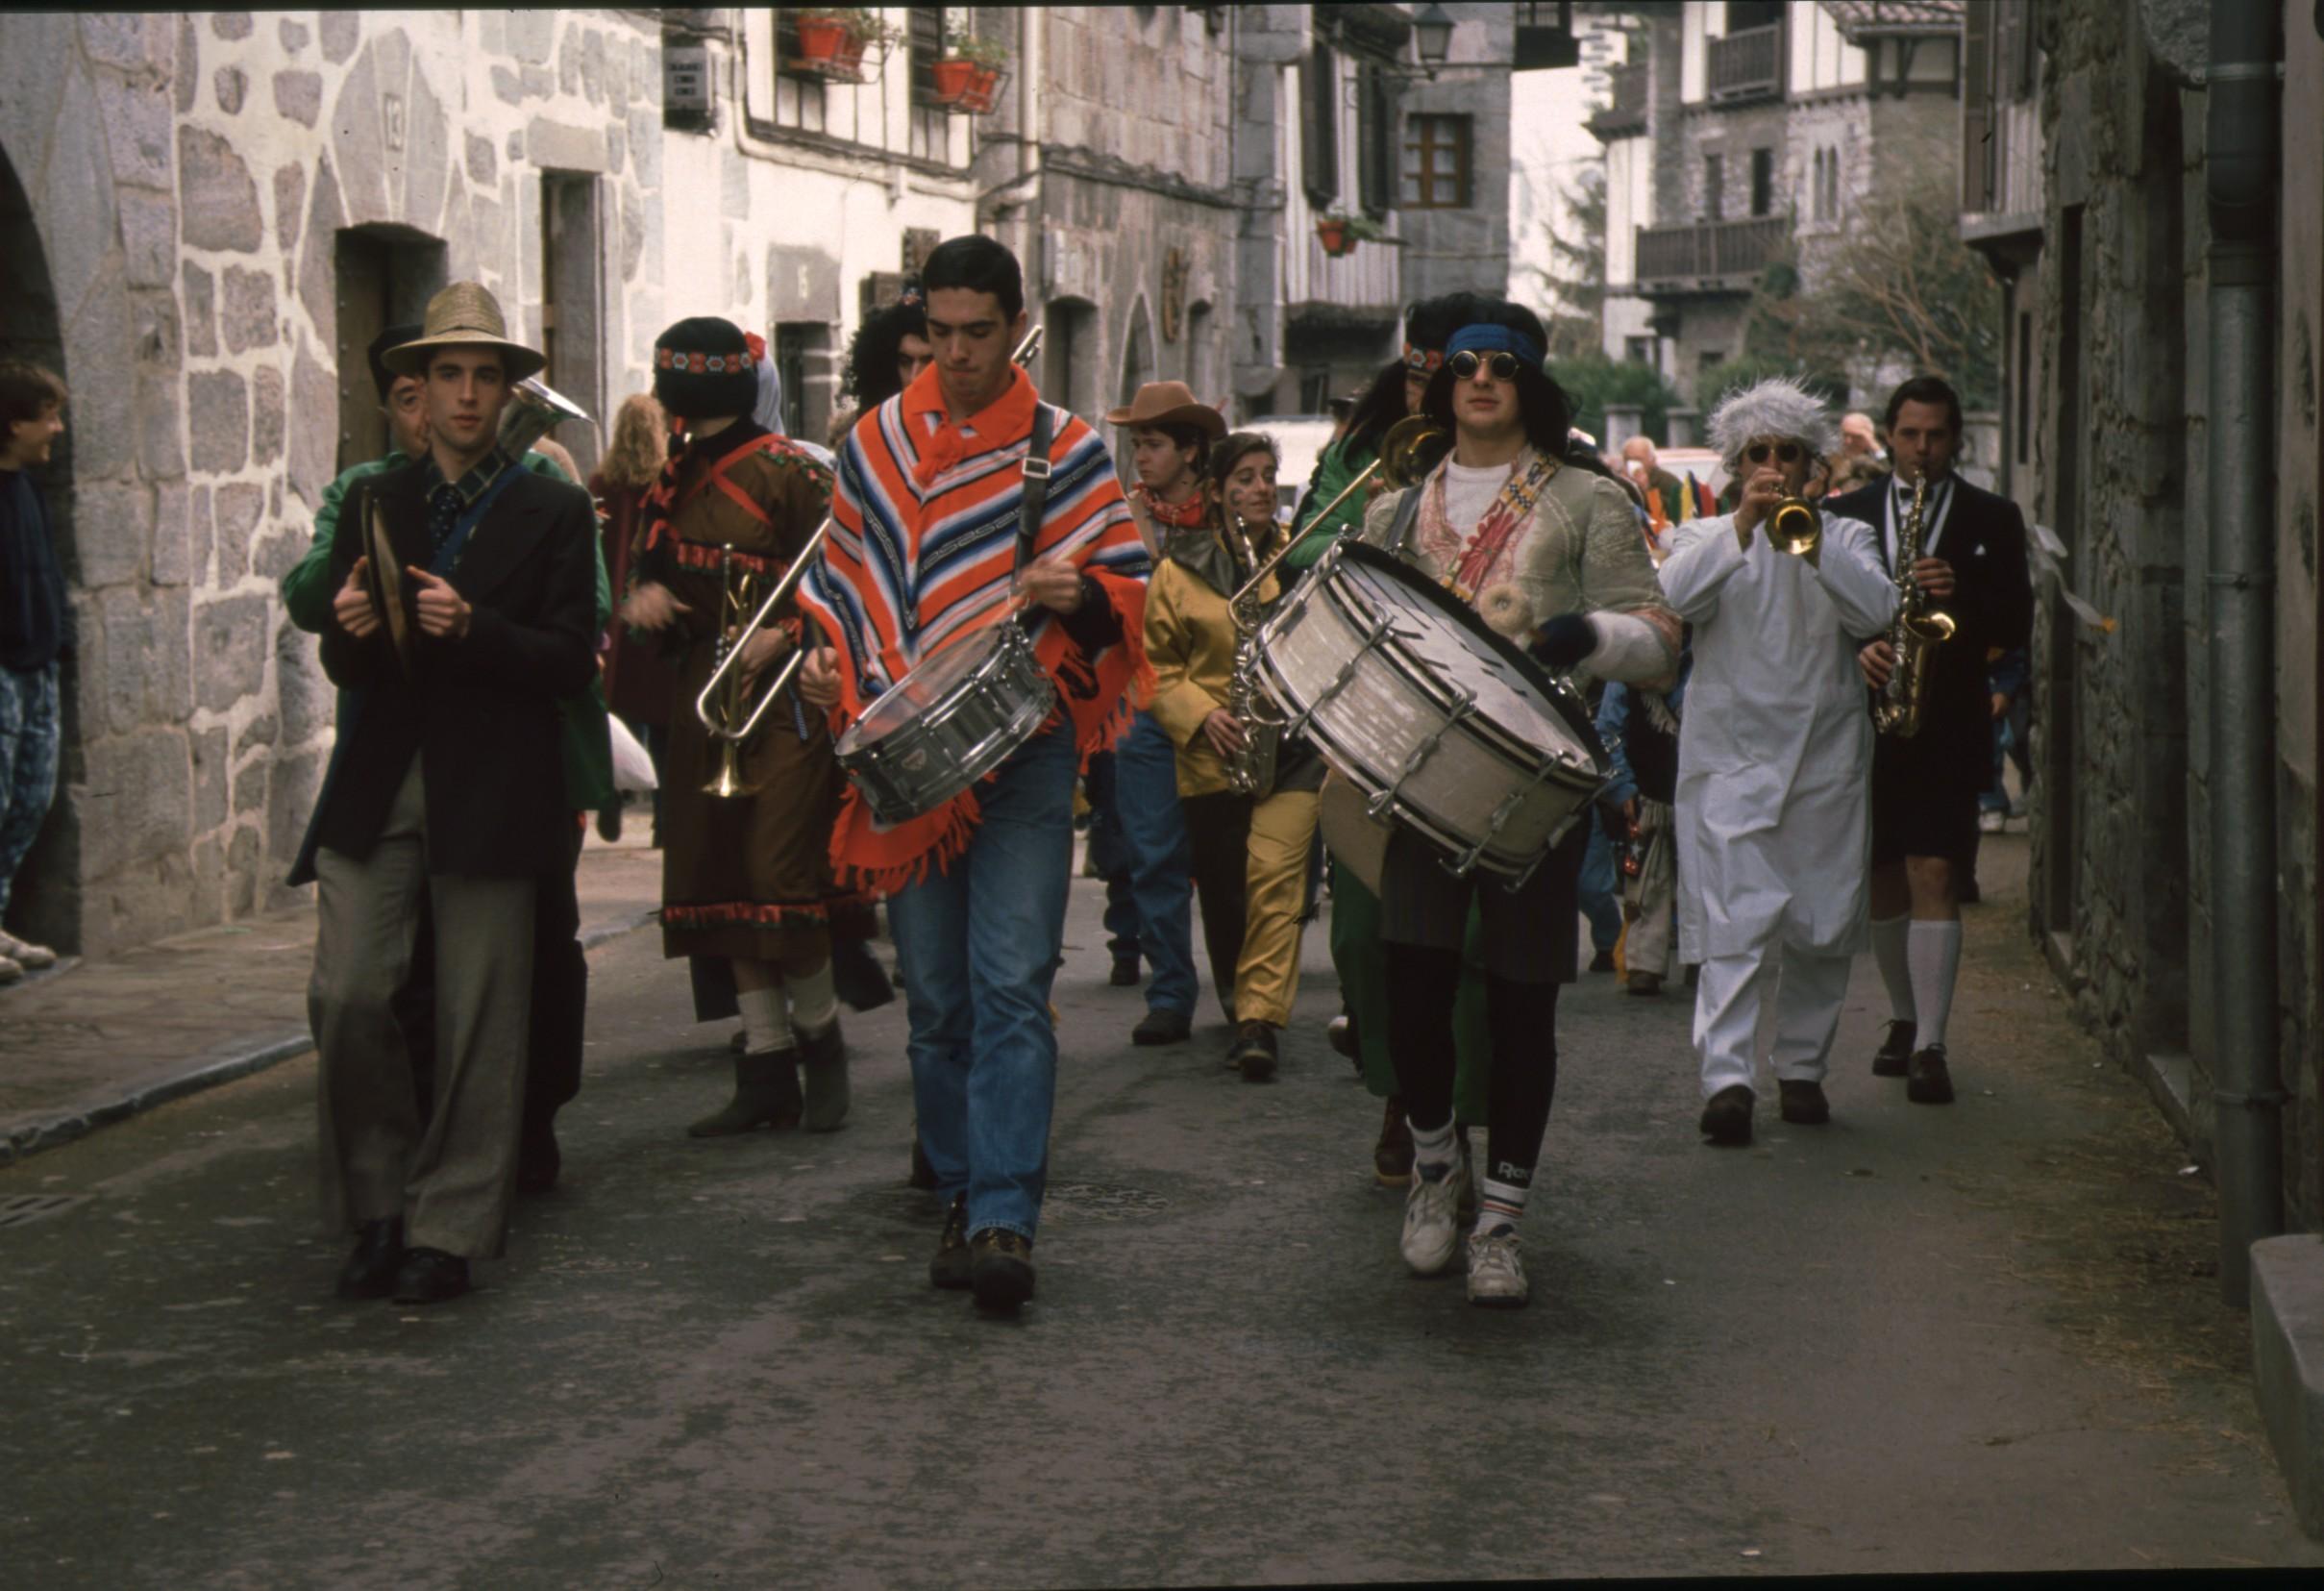 carnaval_lesaka_53.jpg